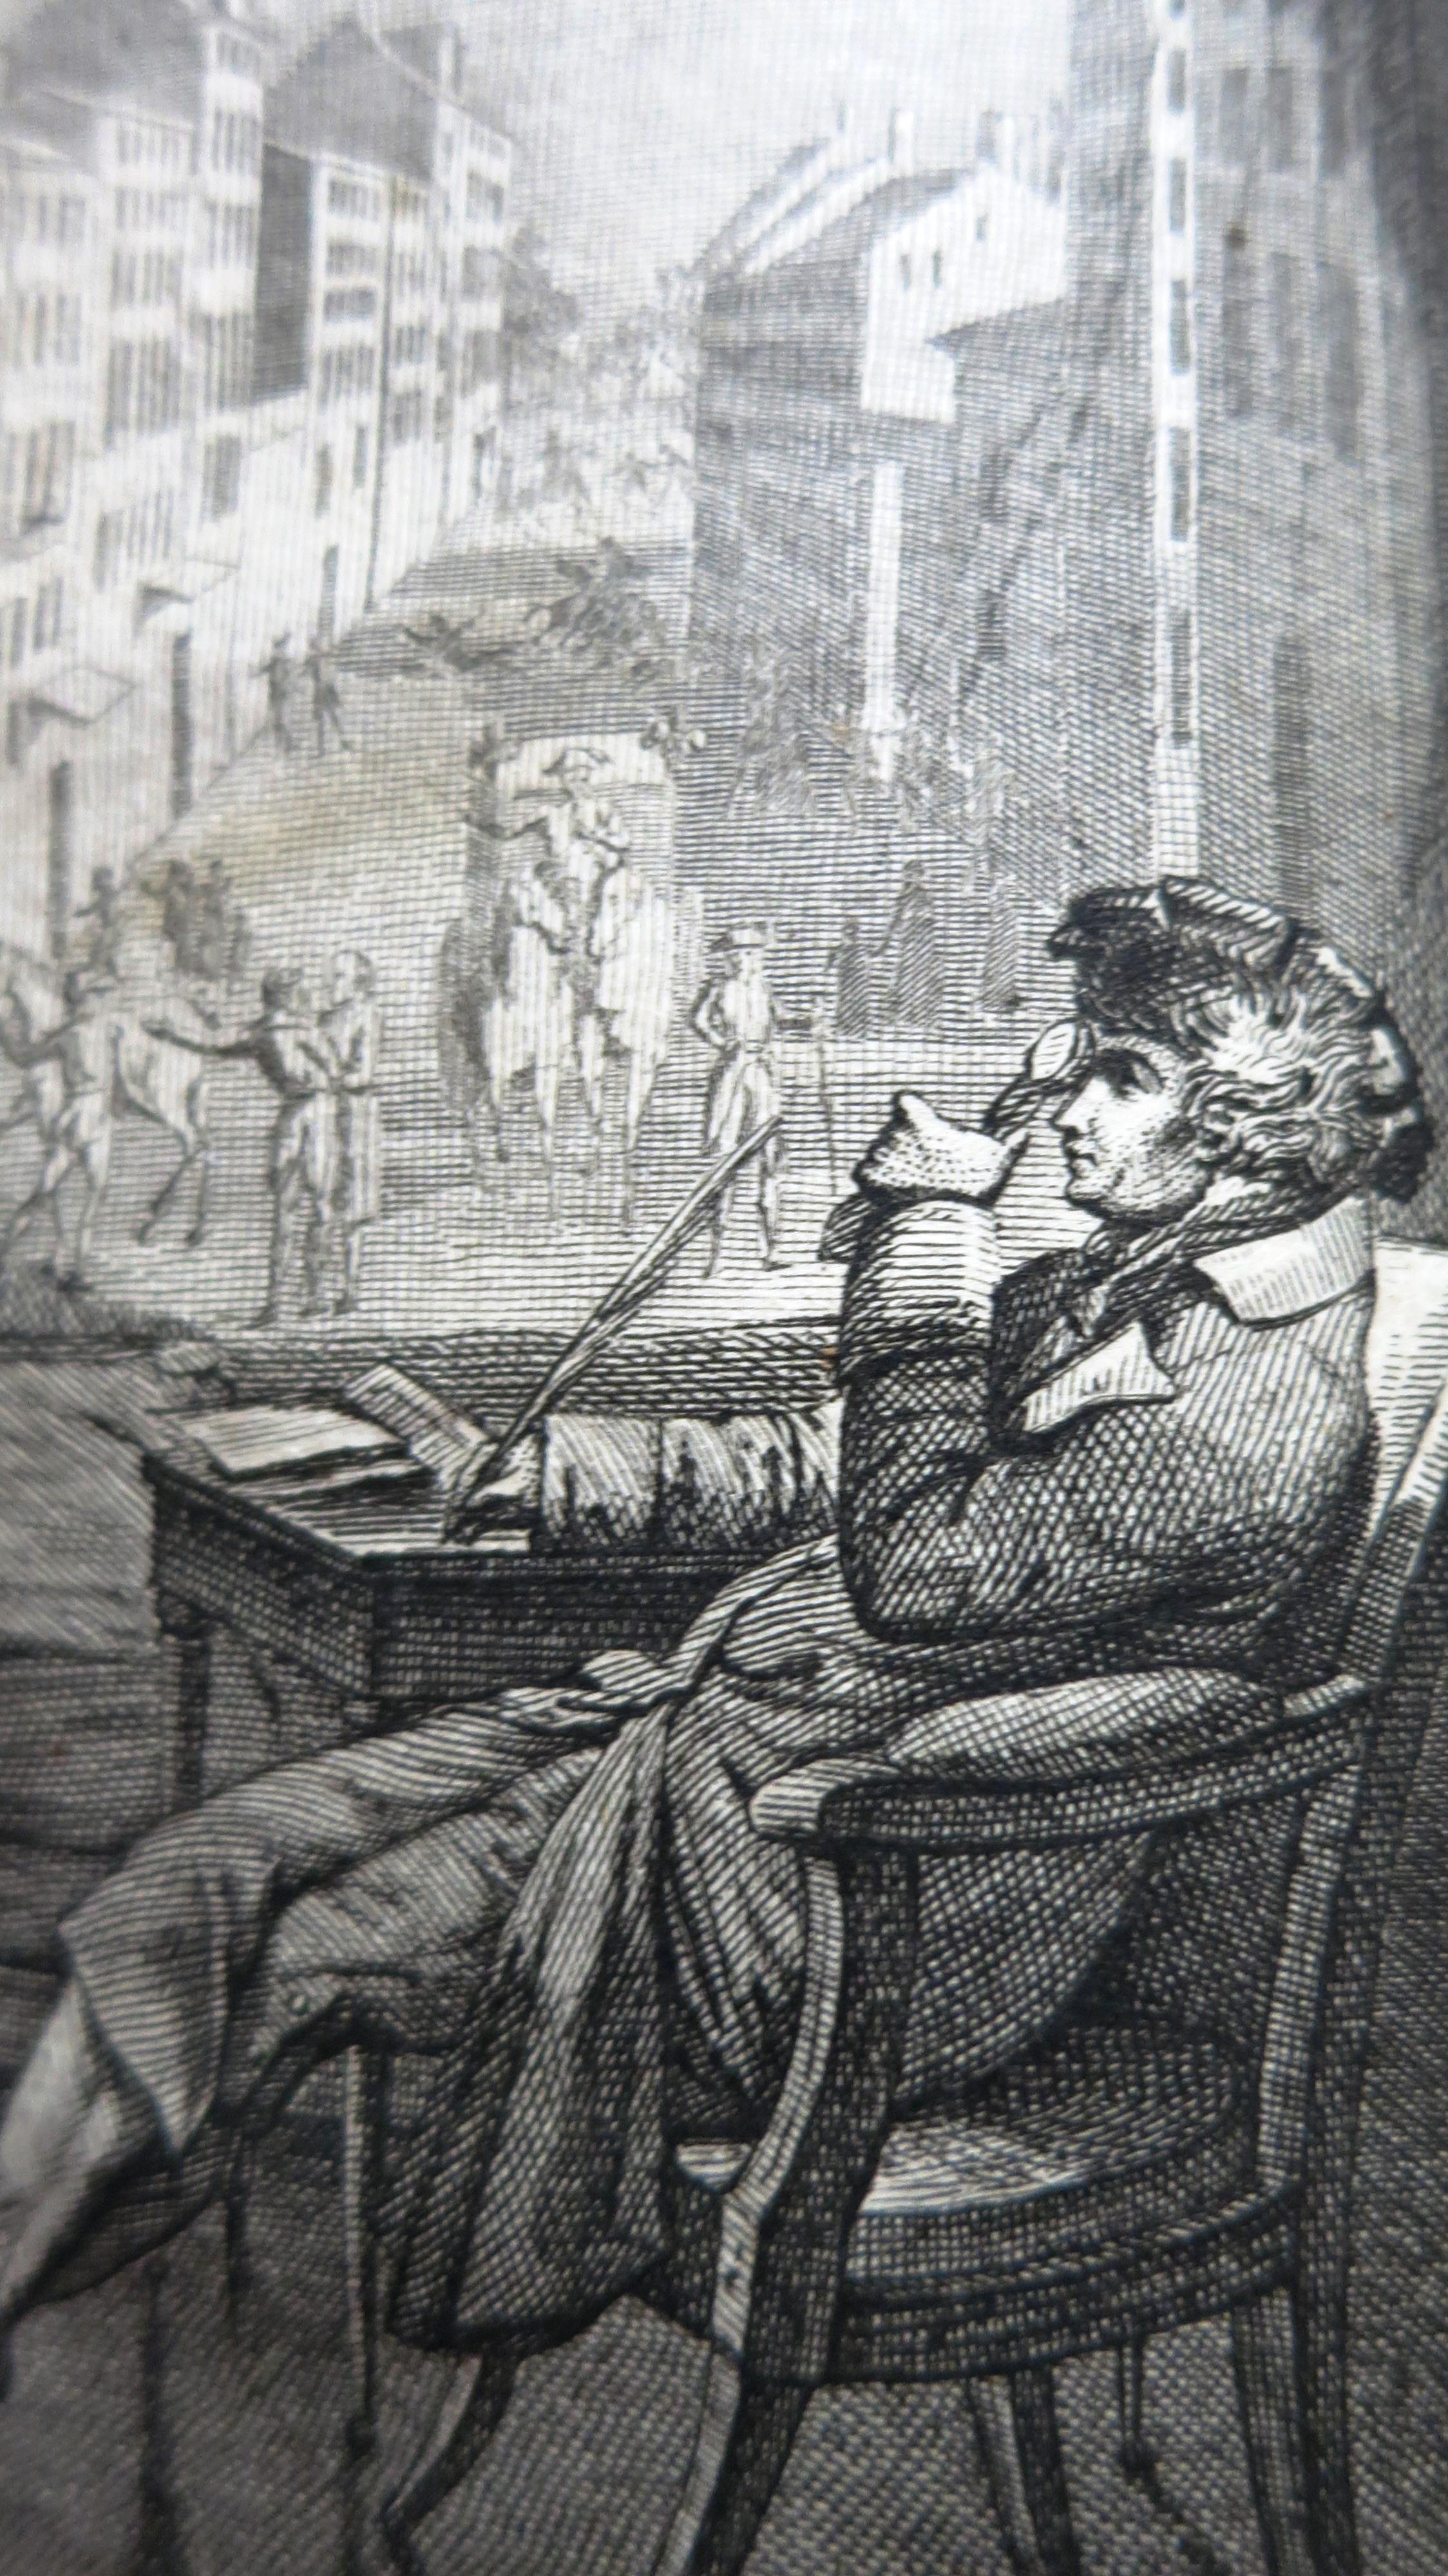 L'Hermite de la Chaussée d'Antin Guillaume le Franc Parleur L'Hermite de la Guiane